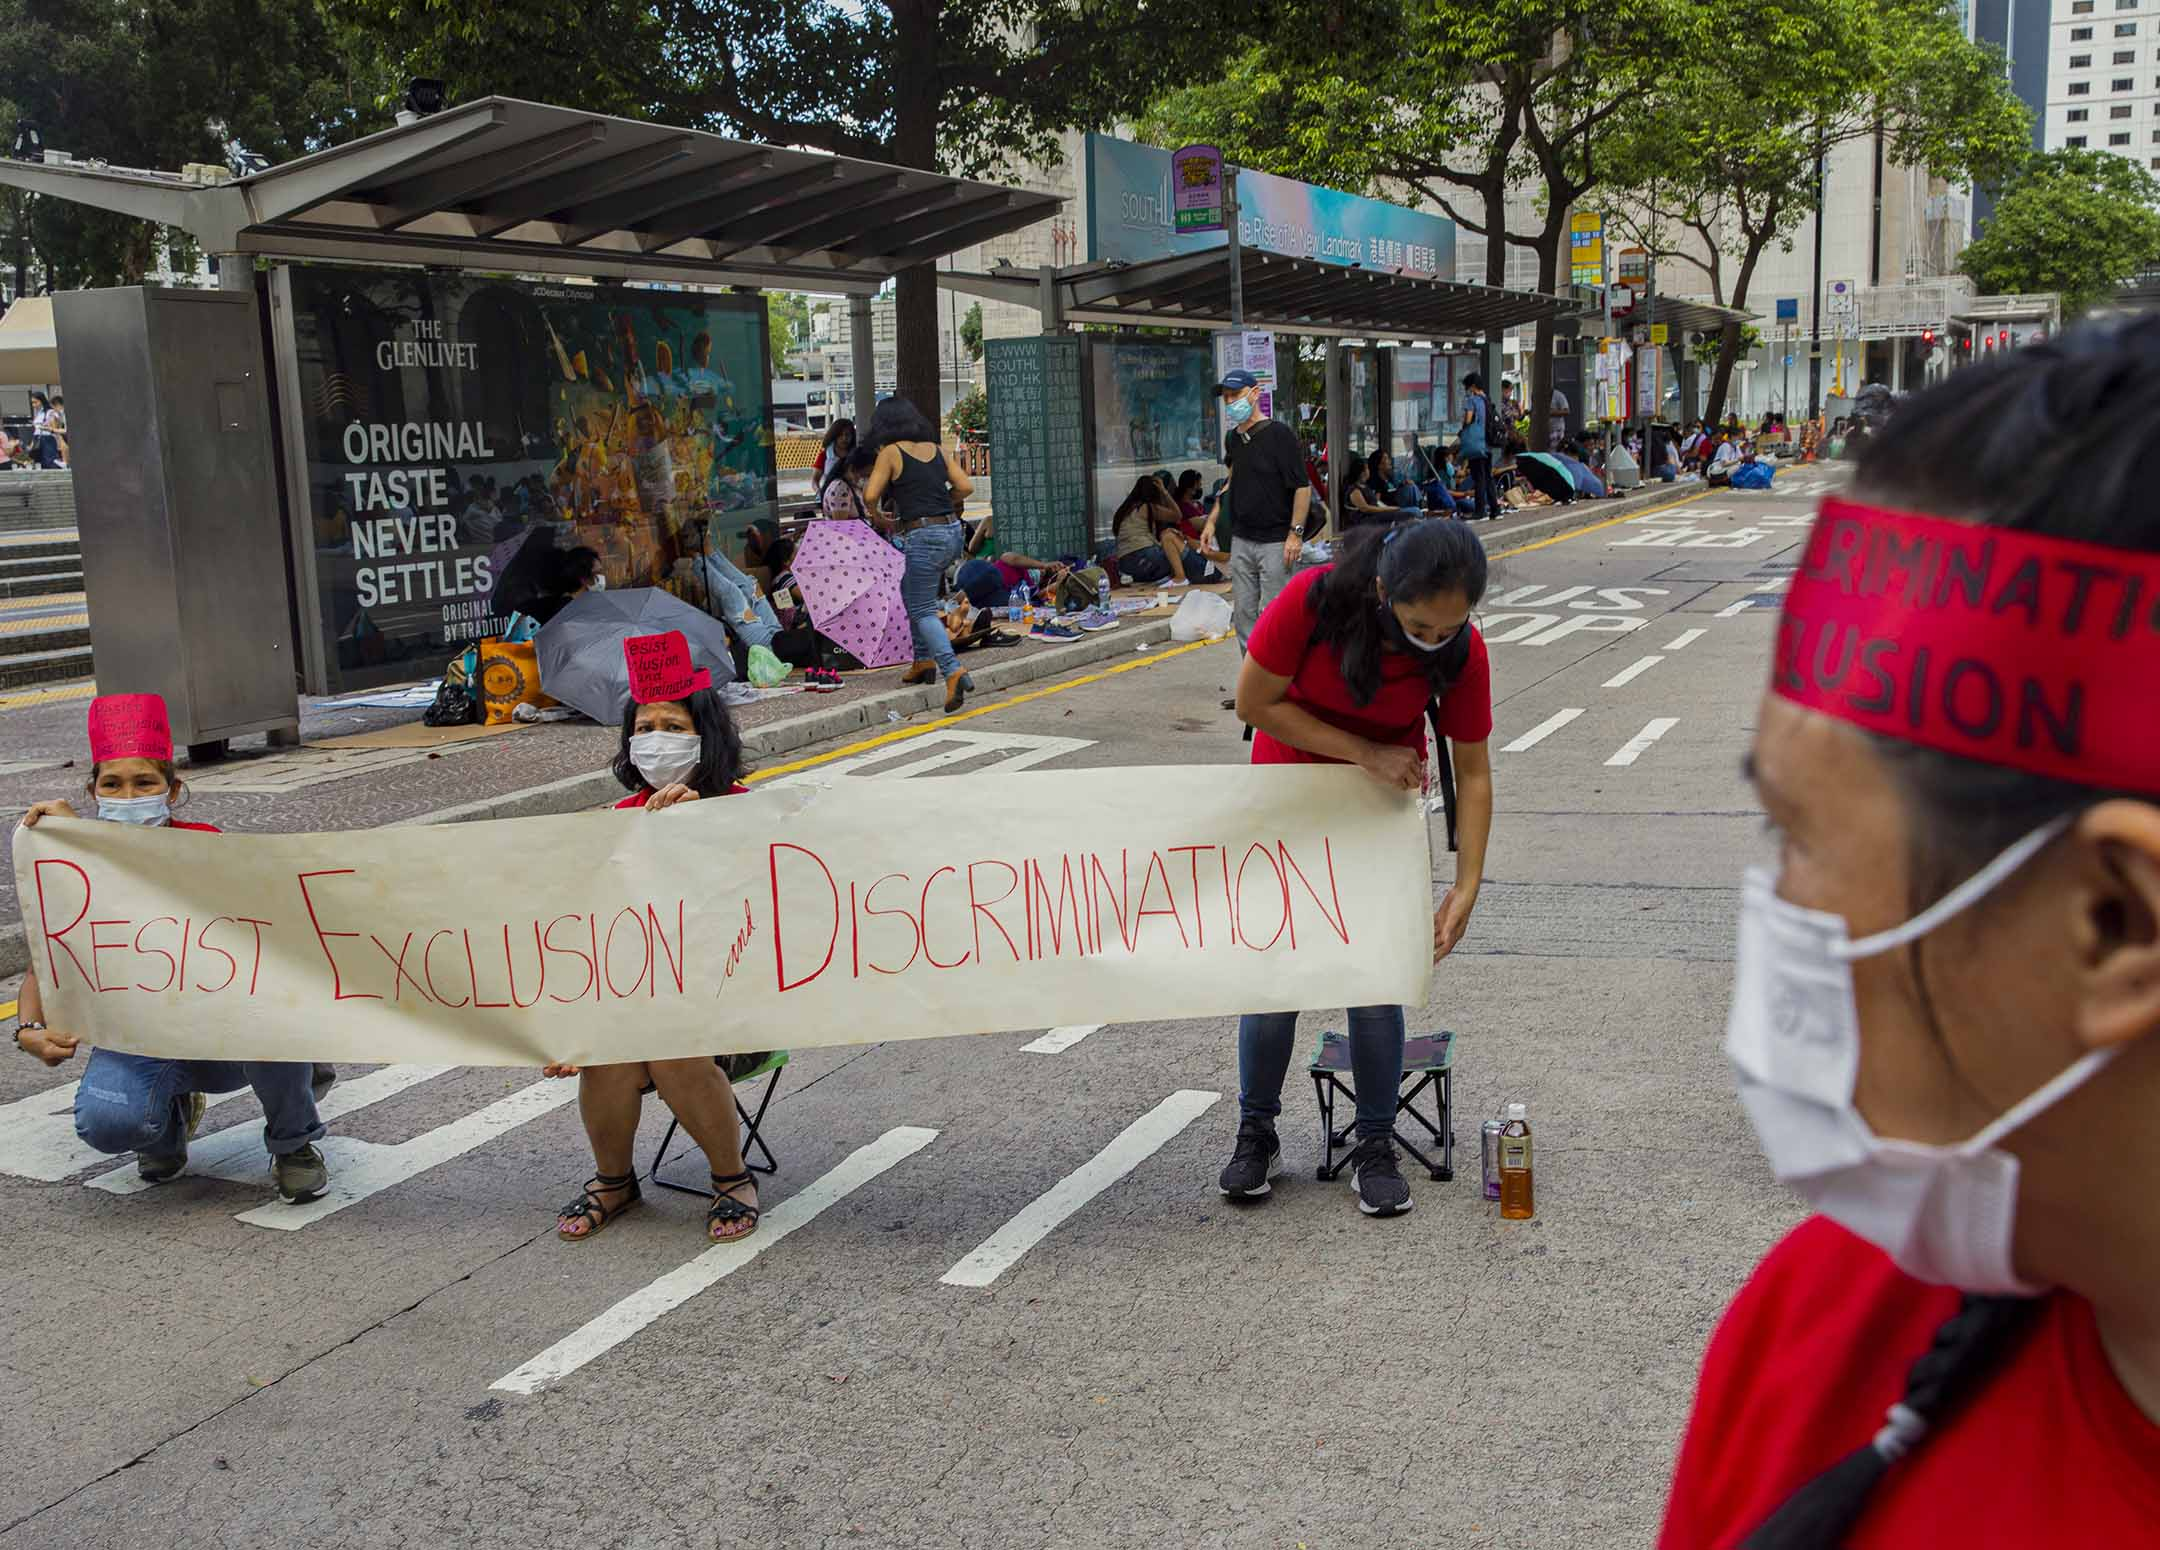 2021年5月16日中環,亞洲移居人士聯盟 (AMCB)穿上紅衣舉起橫額,呼籲不要歧視在港外傭。